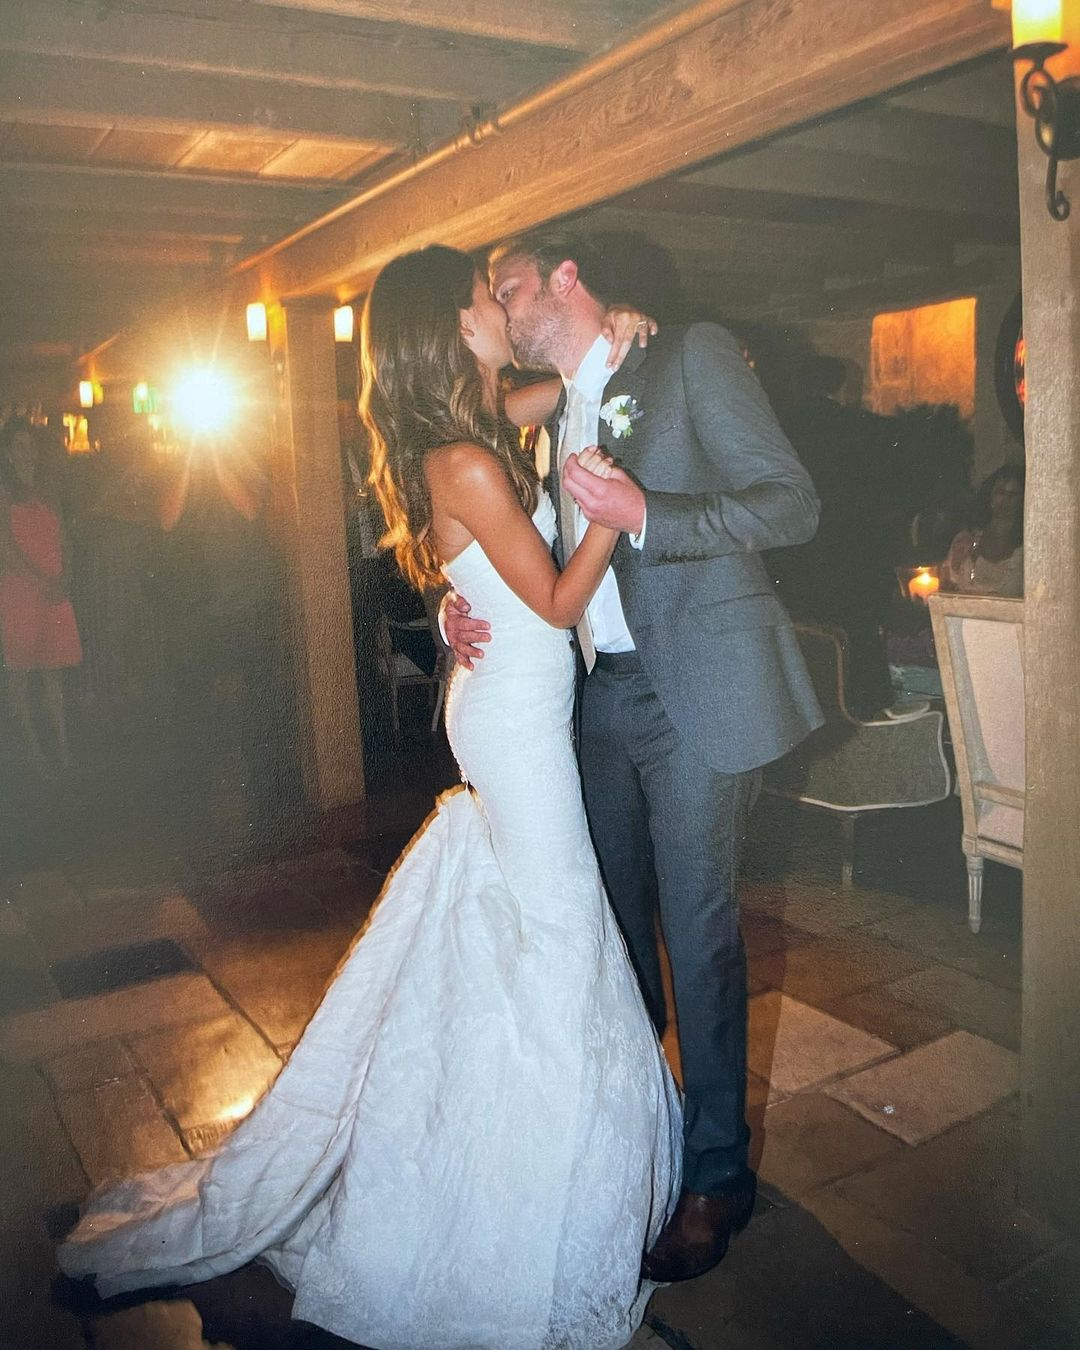 Архивные фото и поздравления Веры Вонг: Лили Олдридж и Калеб Фоллоуилл отмечают 10-летие брака